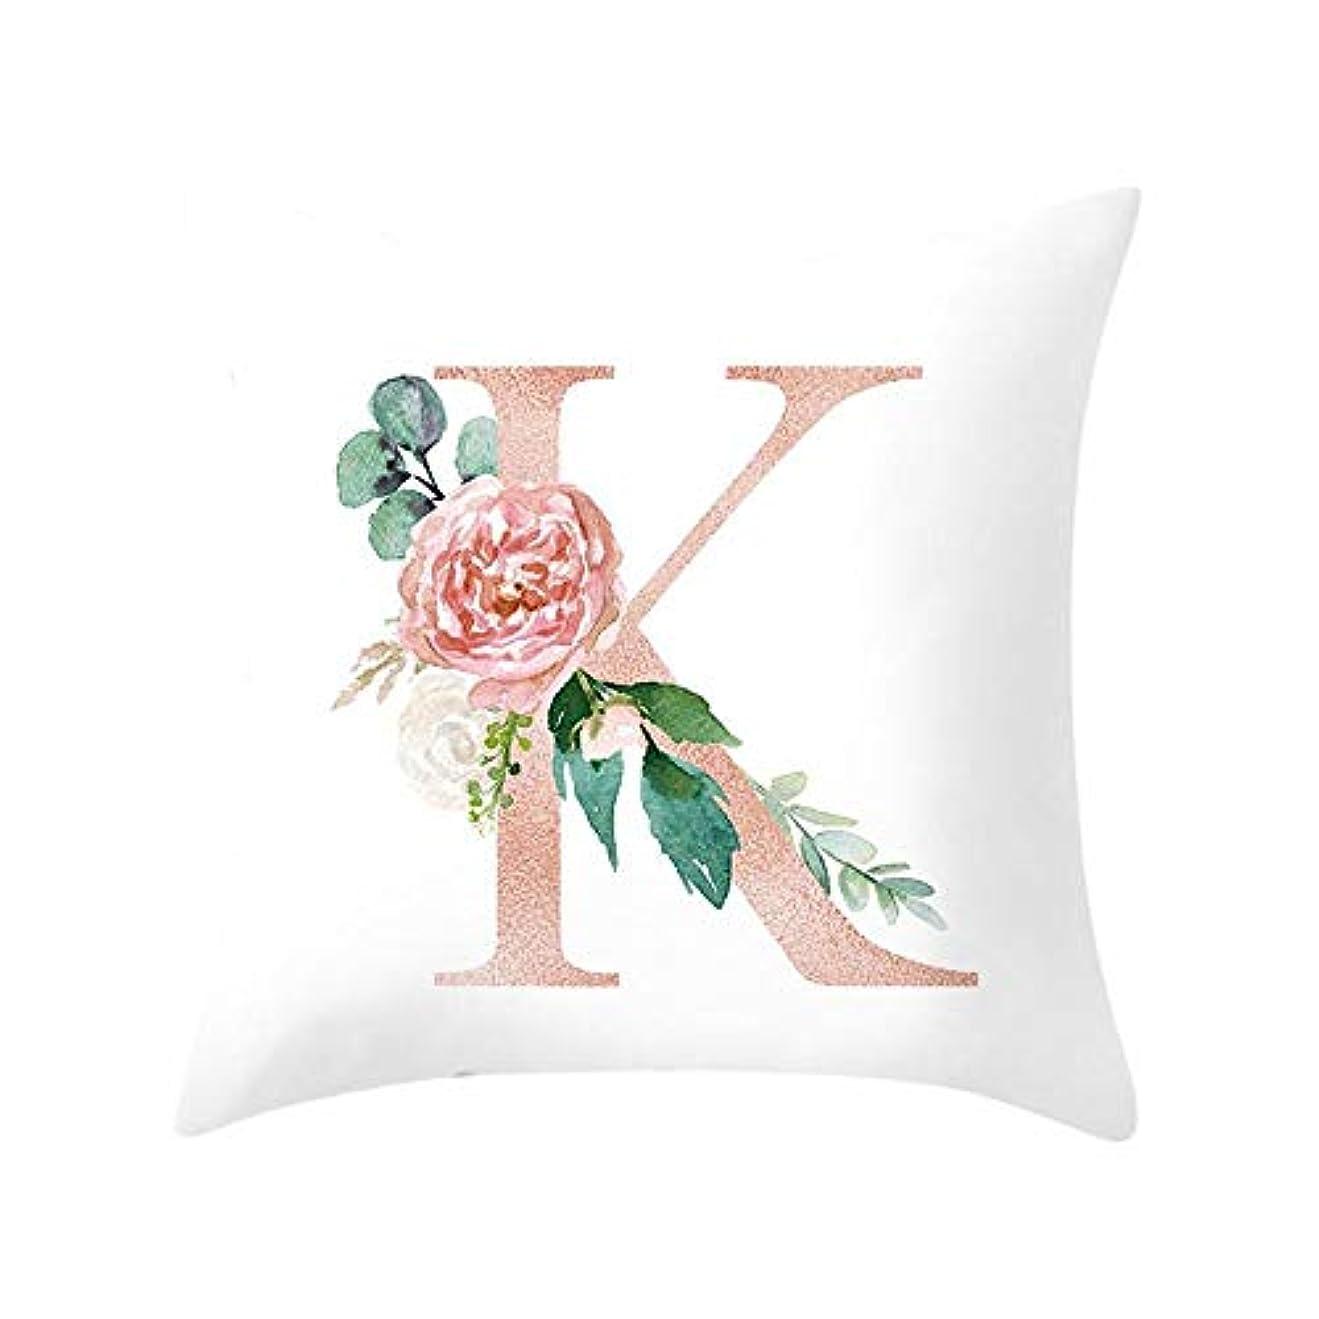 ビバローンマッサージLIFE 装飾クッションソファ手紙枕アルファベットクッション印刷ソファ家の装飾の花枕 coussin decoratif クッション 椅子